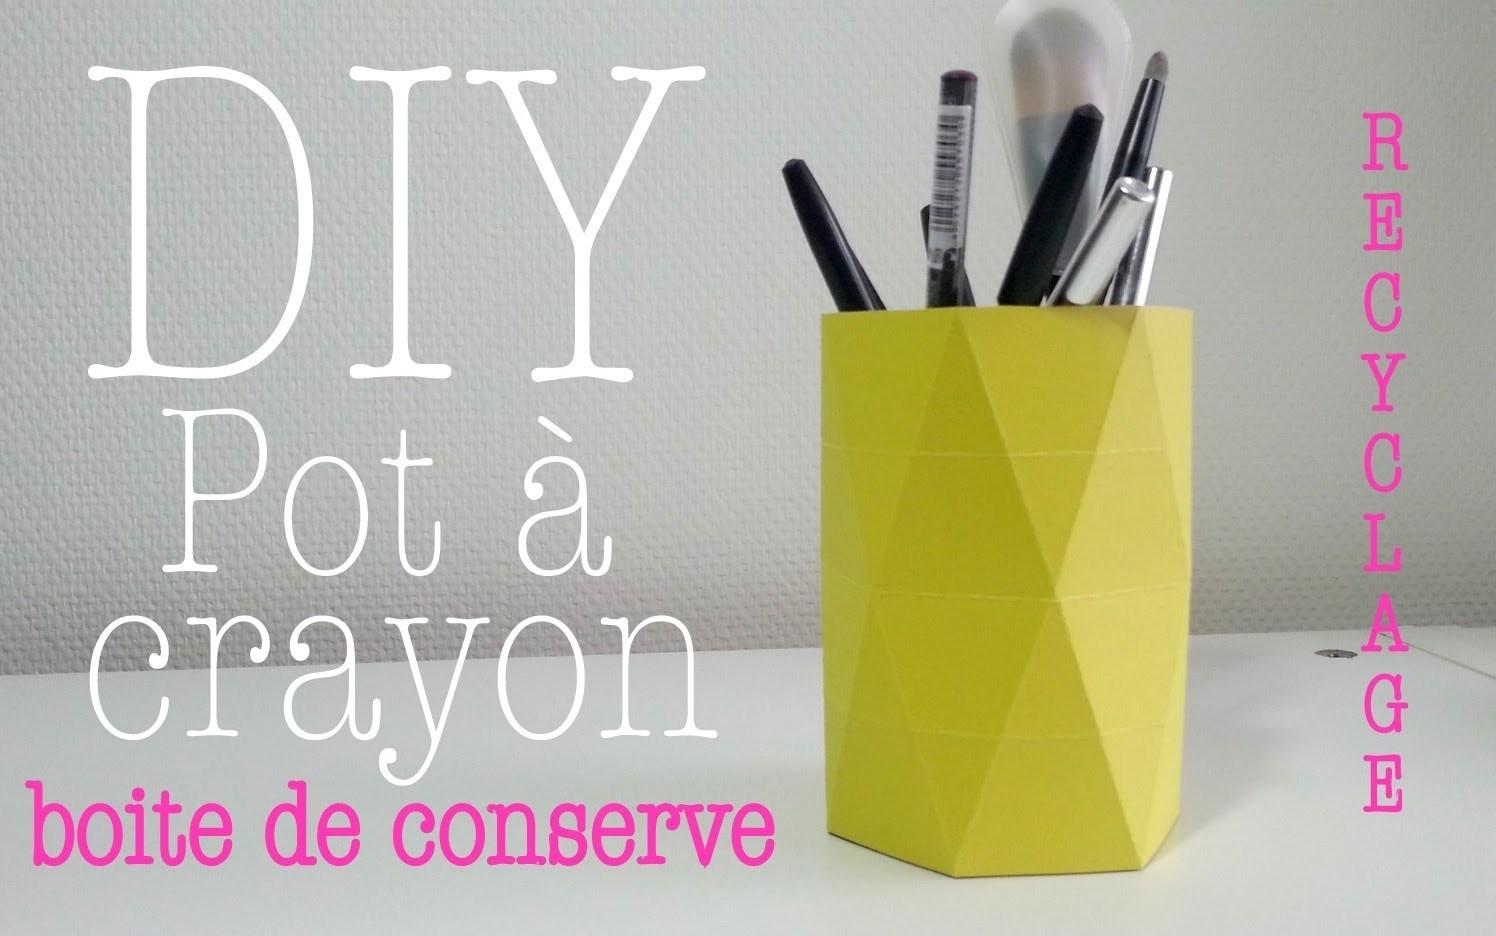 DIY Déco recyclage pot à crayon avec boite de conserve et papier